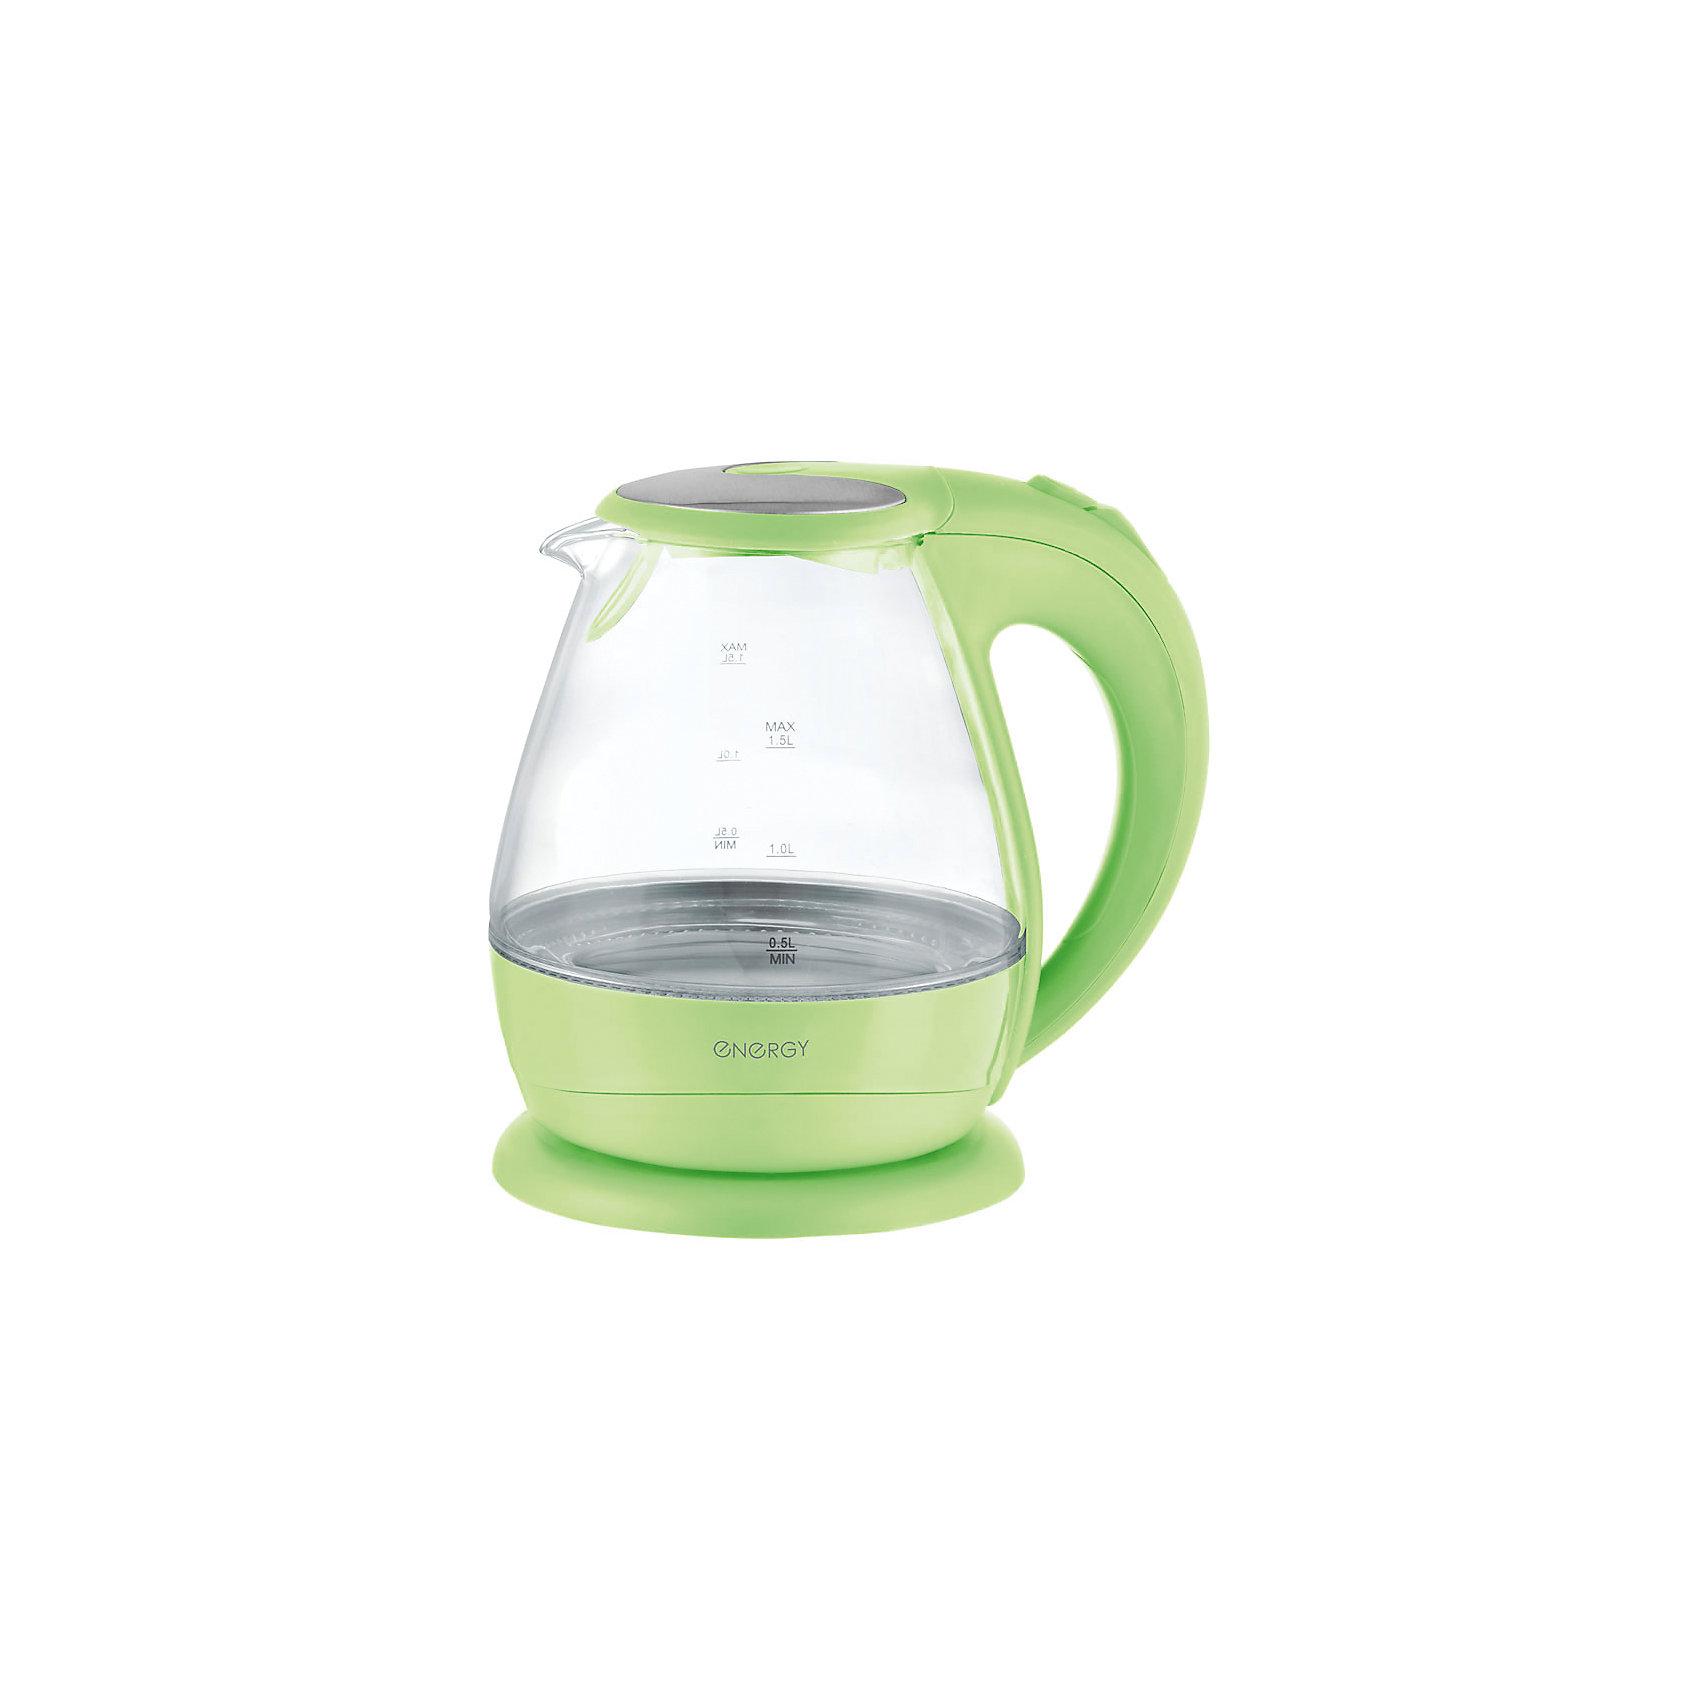 Чайник E-266 (1,5 л, диск) стеклянный, Energy, зеленыйЭлектрический чайник Energy дает возможность быстро вскипятить воду. Чайник оборудован закрытым нагревательным элементом из нержавеющей стали, есть автоматический выключатель. Имеется внутренняя подсветка. Предусмотрена защита от работы без воды. Фильтр чайника съемный. Чайник на подставке можно поворачивать на 360 градусов. Шкала уровня воды находится на внешней стороне чайника, корпус полностью прозрачный.<br><br>Дополнительная информация:<br><br>Размер чайника: 23,5х21,2х19,9 см<br>Объем чайника: 1,5 л<br><br>Материал: термостойкое стекло, пластик, нержавеющая сталь<br><br>Мощность: 1850-2200Вт<br>Напряжение: 220-240В, 50/60Гц<br> <br>Чайник E-266 (1,5 л, диск) стеклянный, Energy, зеленый можно купить в нашем интернет-магазине.<br><br>Ширина мм: 210<br>Глубина мм: 200<br>Высота мм: 240<br>Вес г: 1441<br>Возраст от месяцев: 216<br>Возраст до месяцев: 1080<br>Пол: Унисекс<br>Возраст: Детский<br>SKU: 4989888